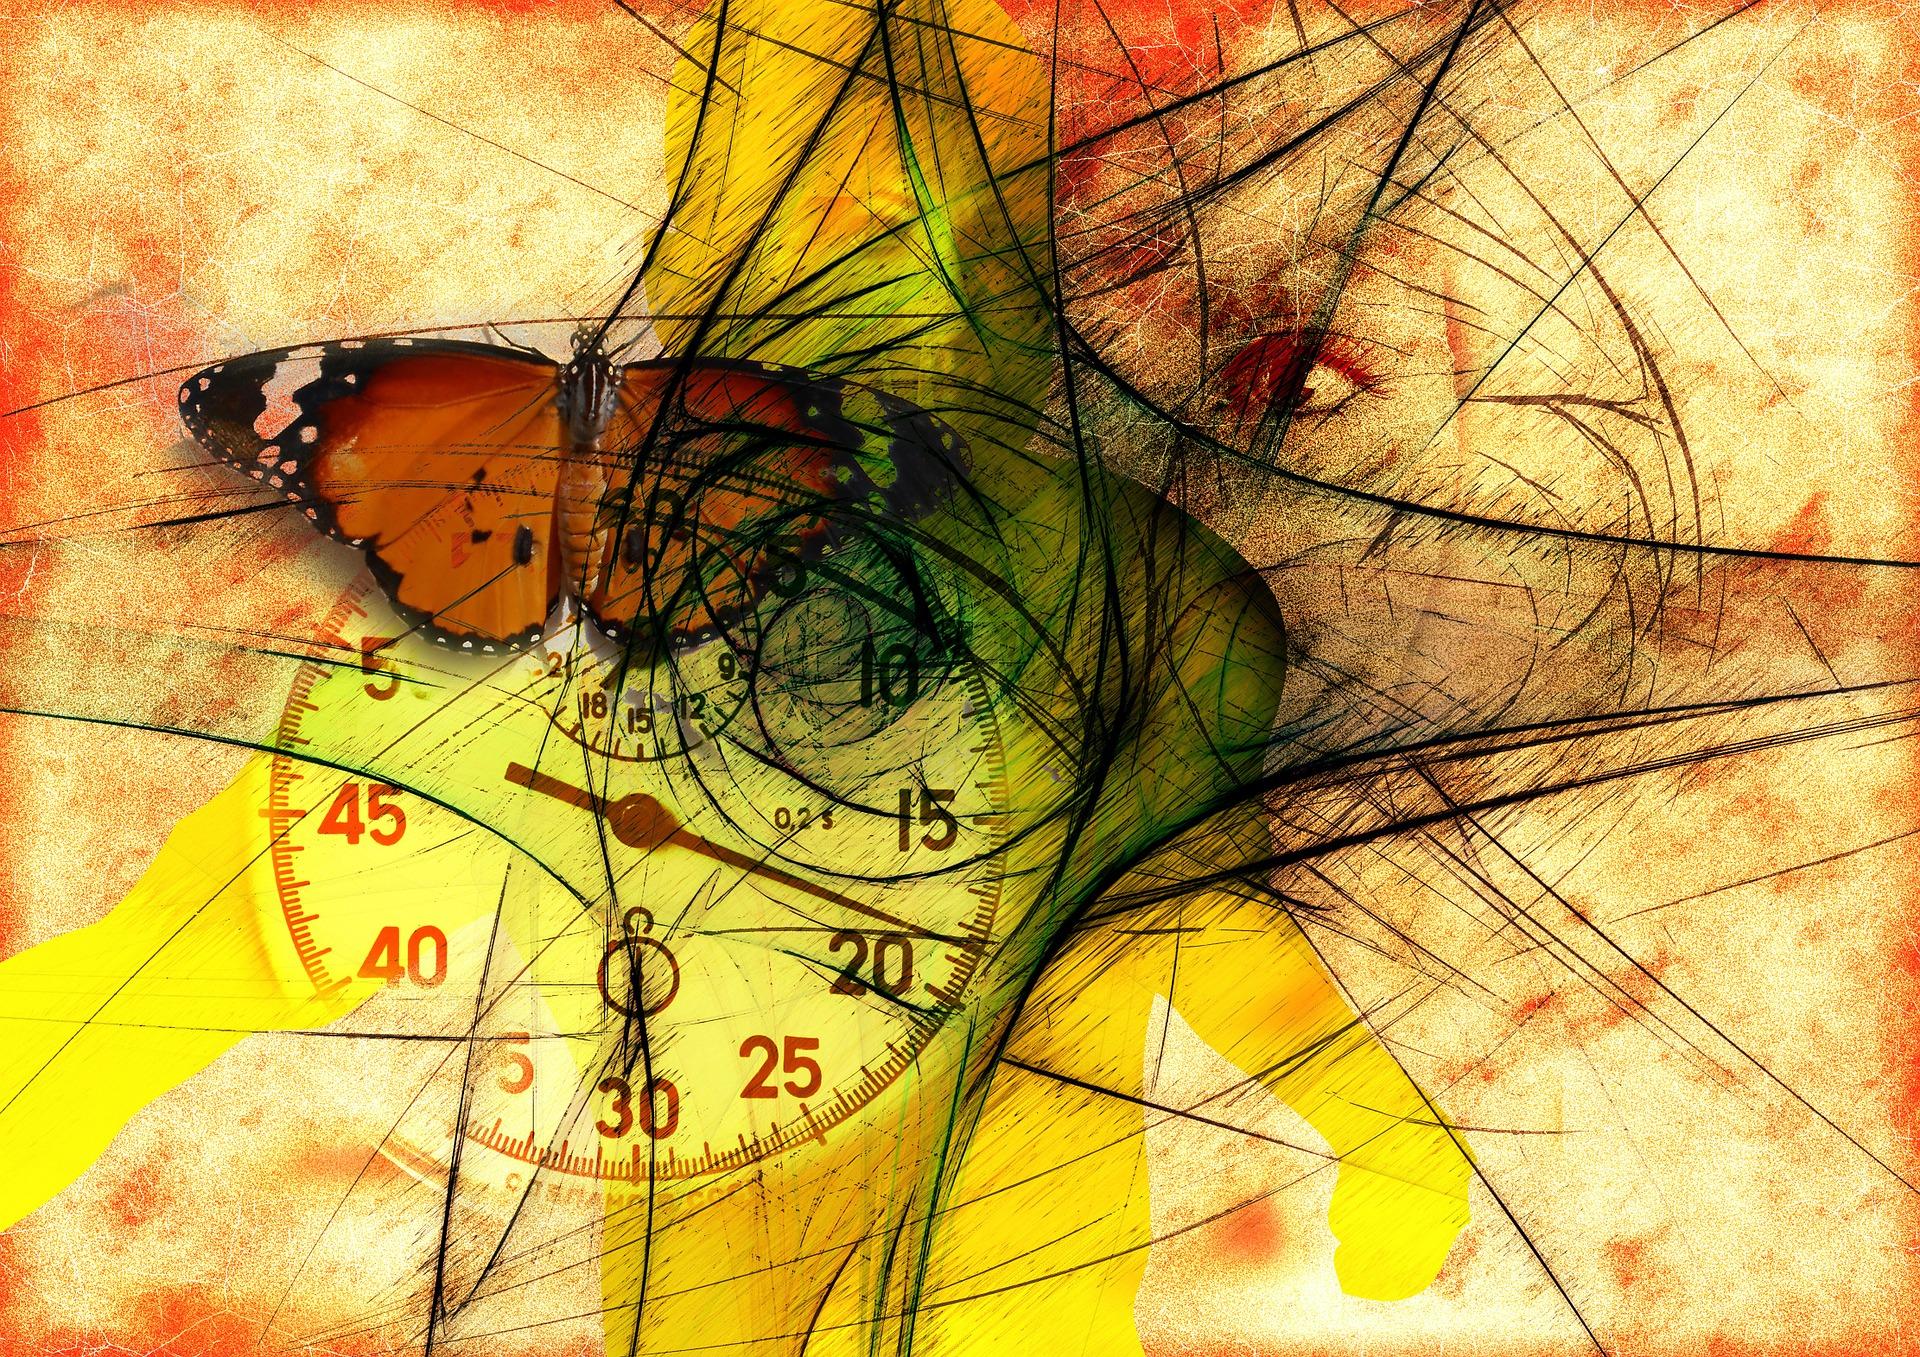 gelbe Fläche mit einem Schmetterling, einer Uhr und einem gezeichneten Auge